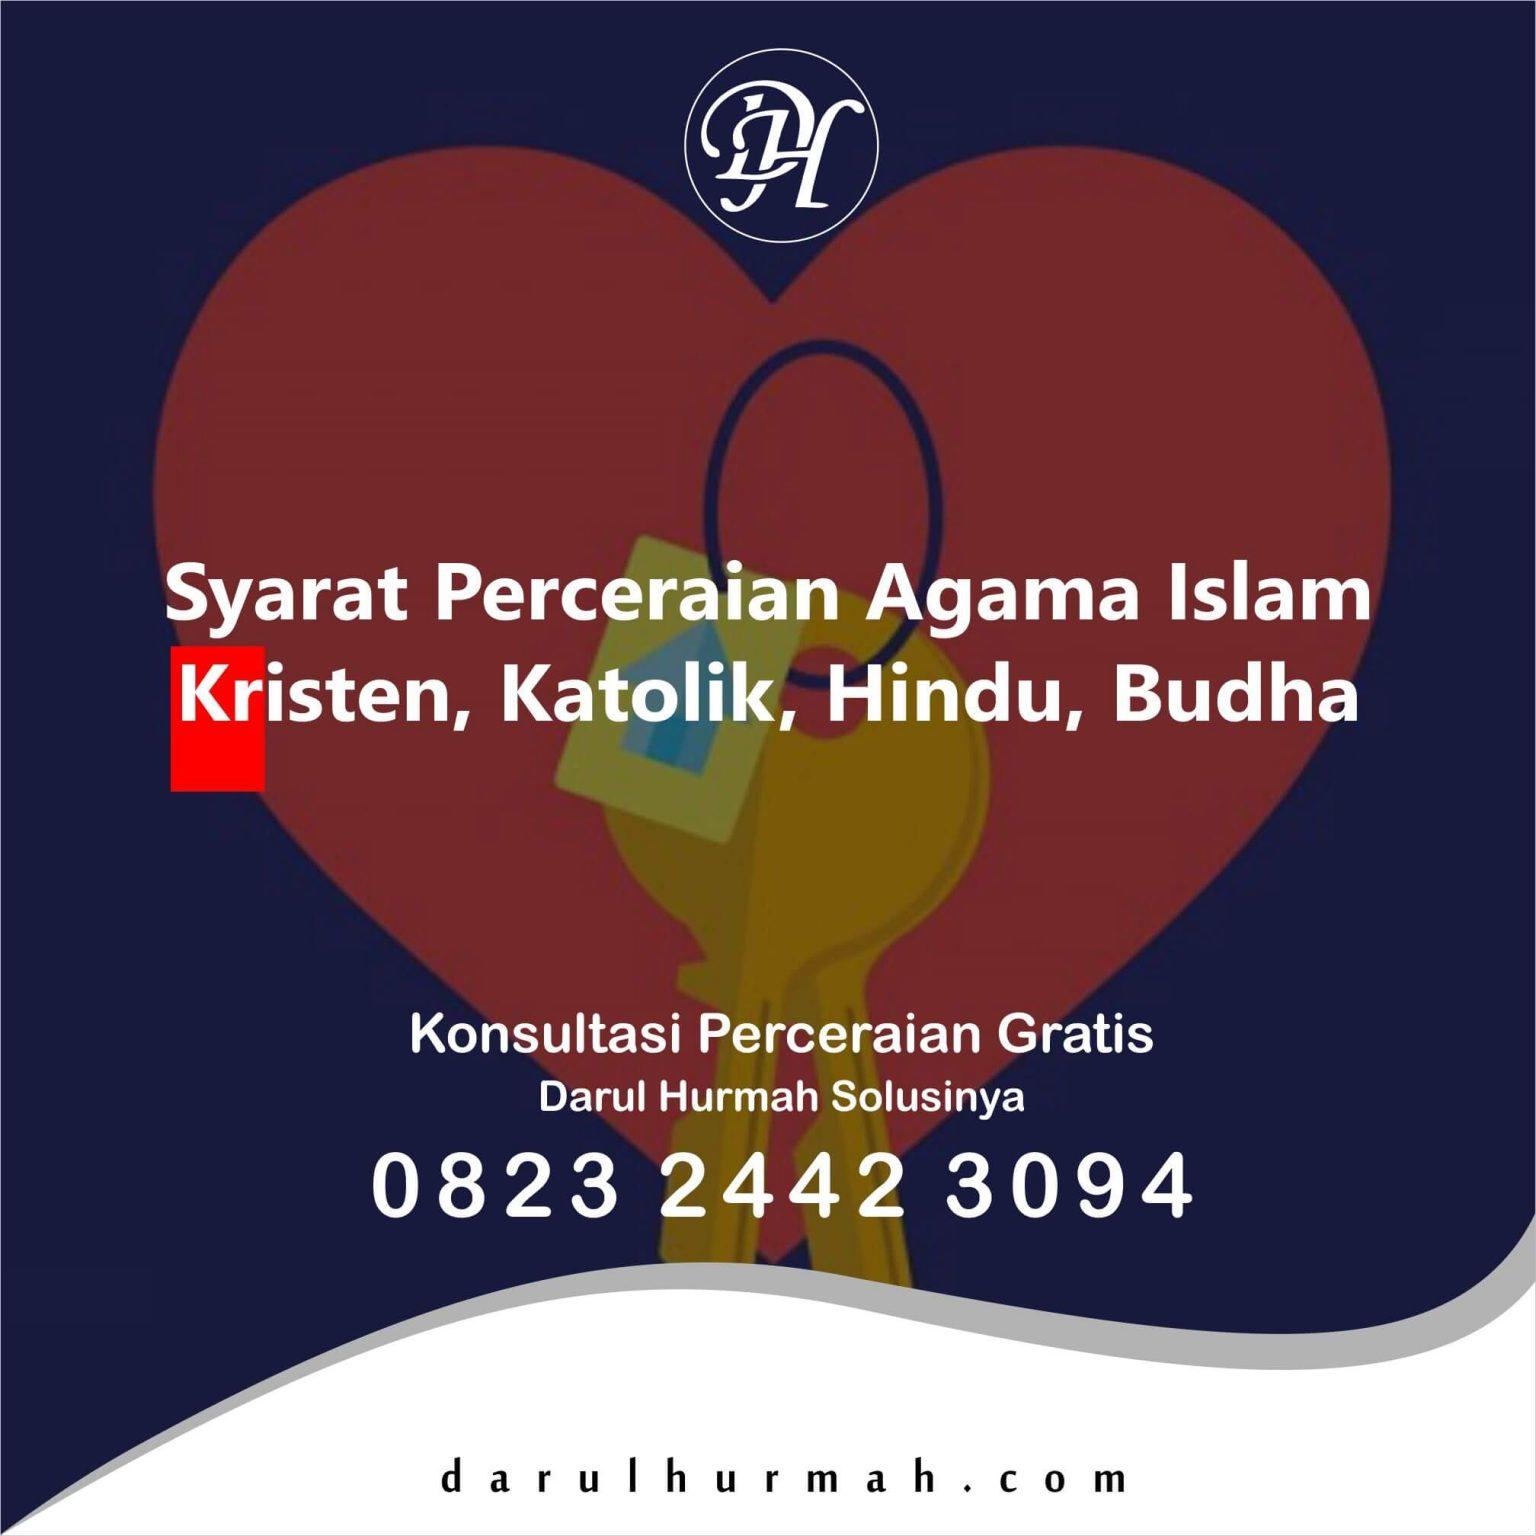 Syarat Perceraian Agama Islam Kristen, Katolik, Hindu, Budha